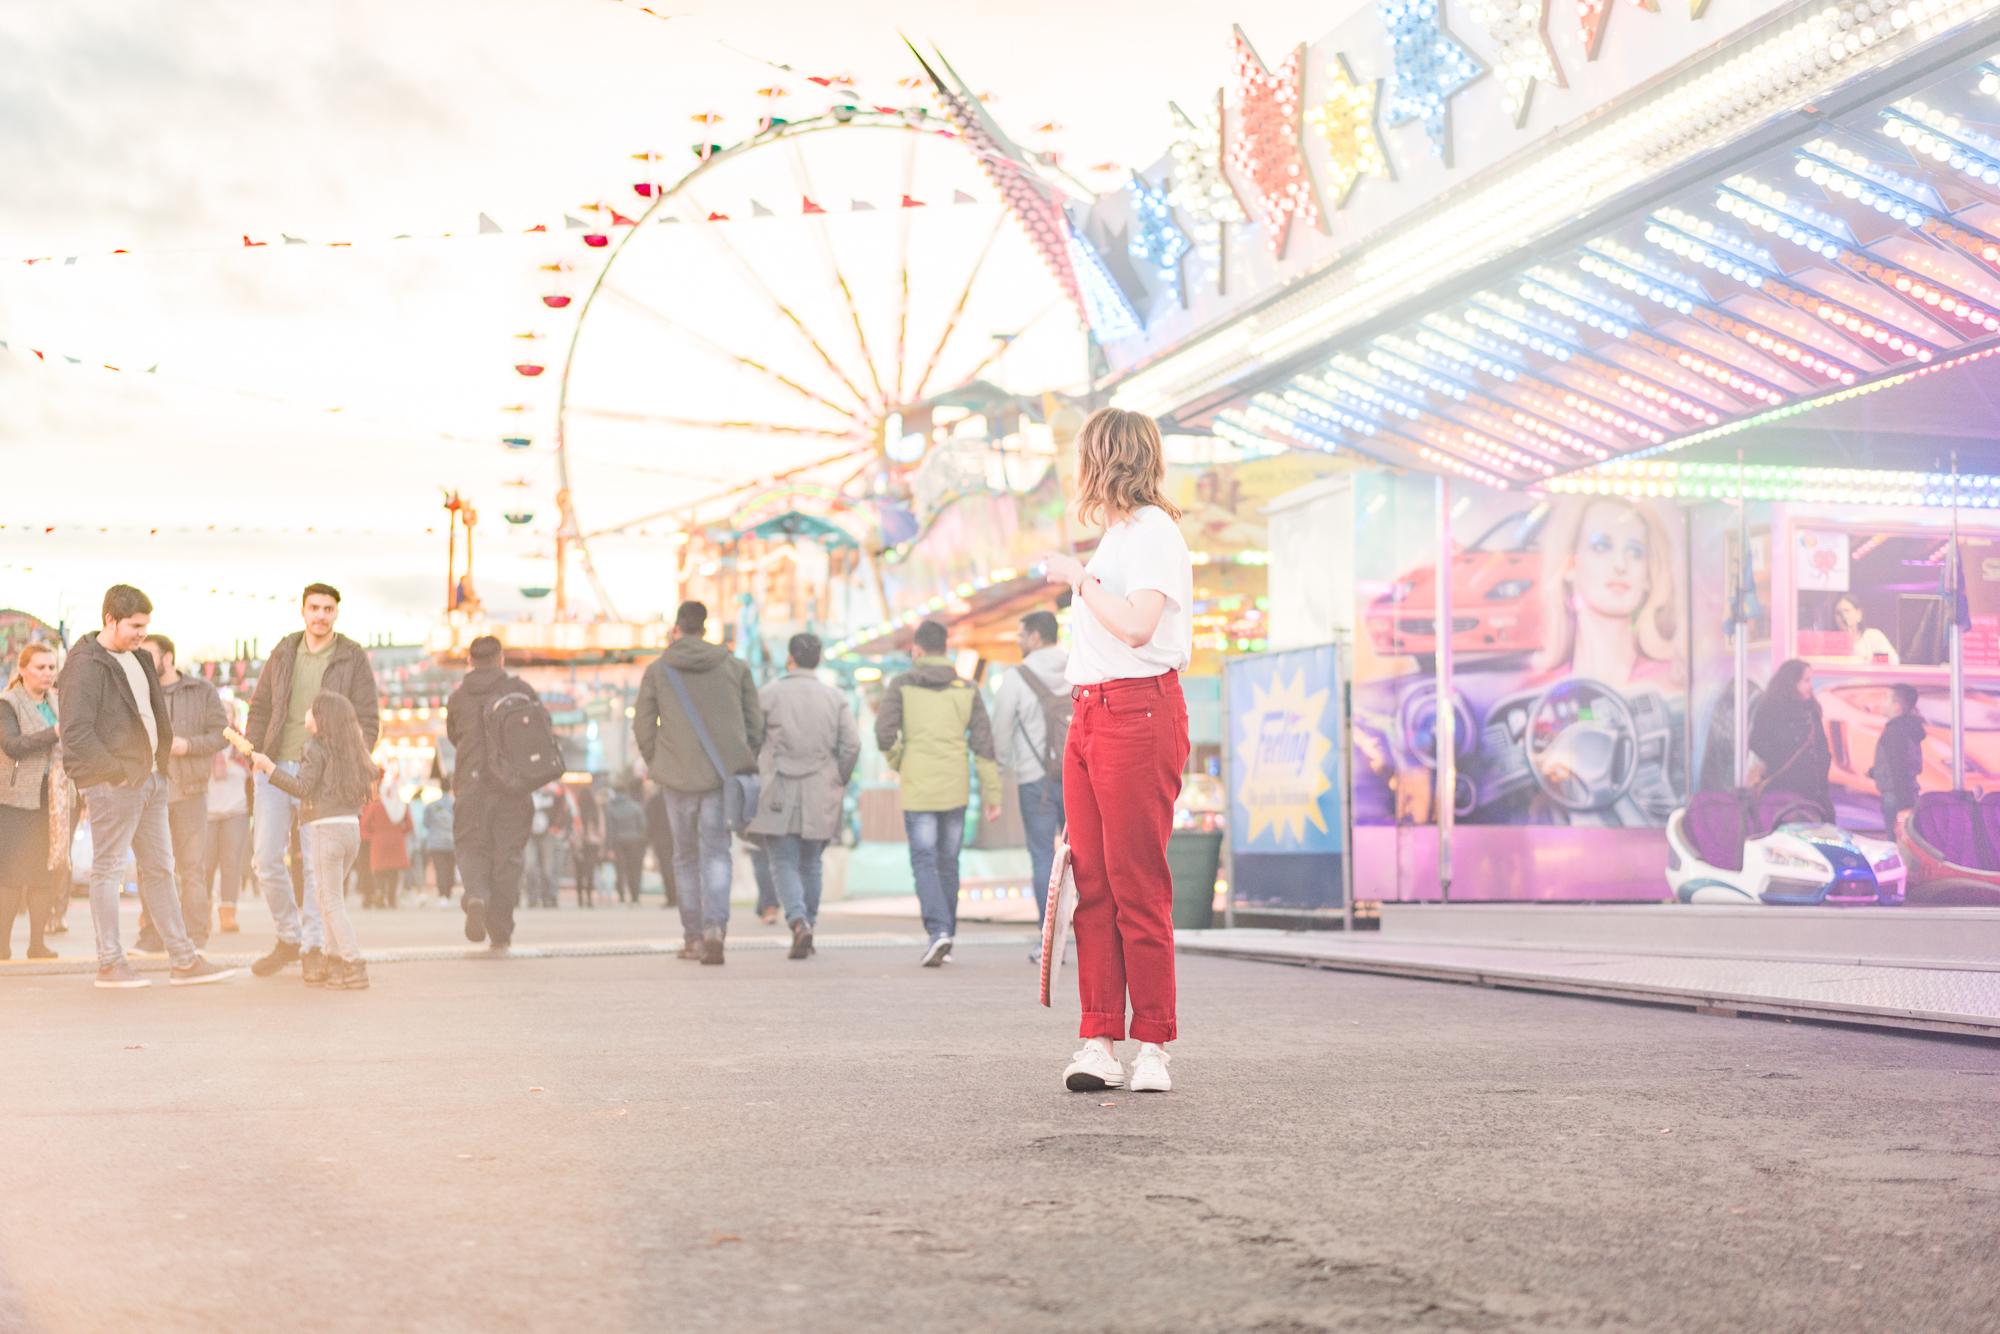 Ganz viel bling, bling: Festival-Look uff der Frankfurter Dippemess (Teil 1)